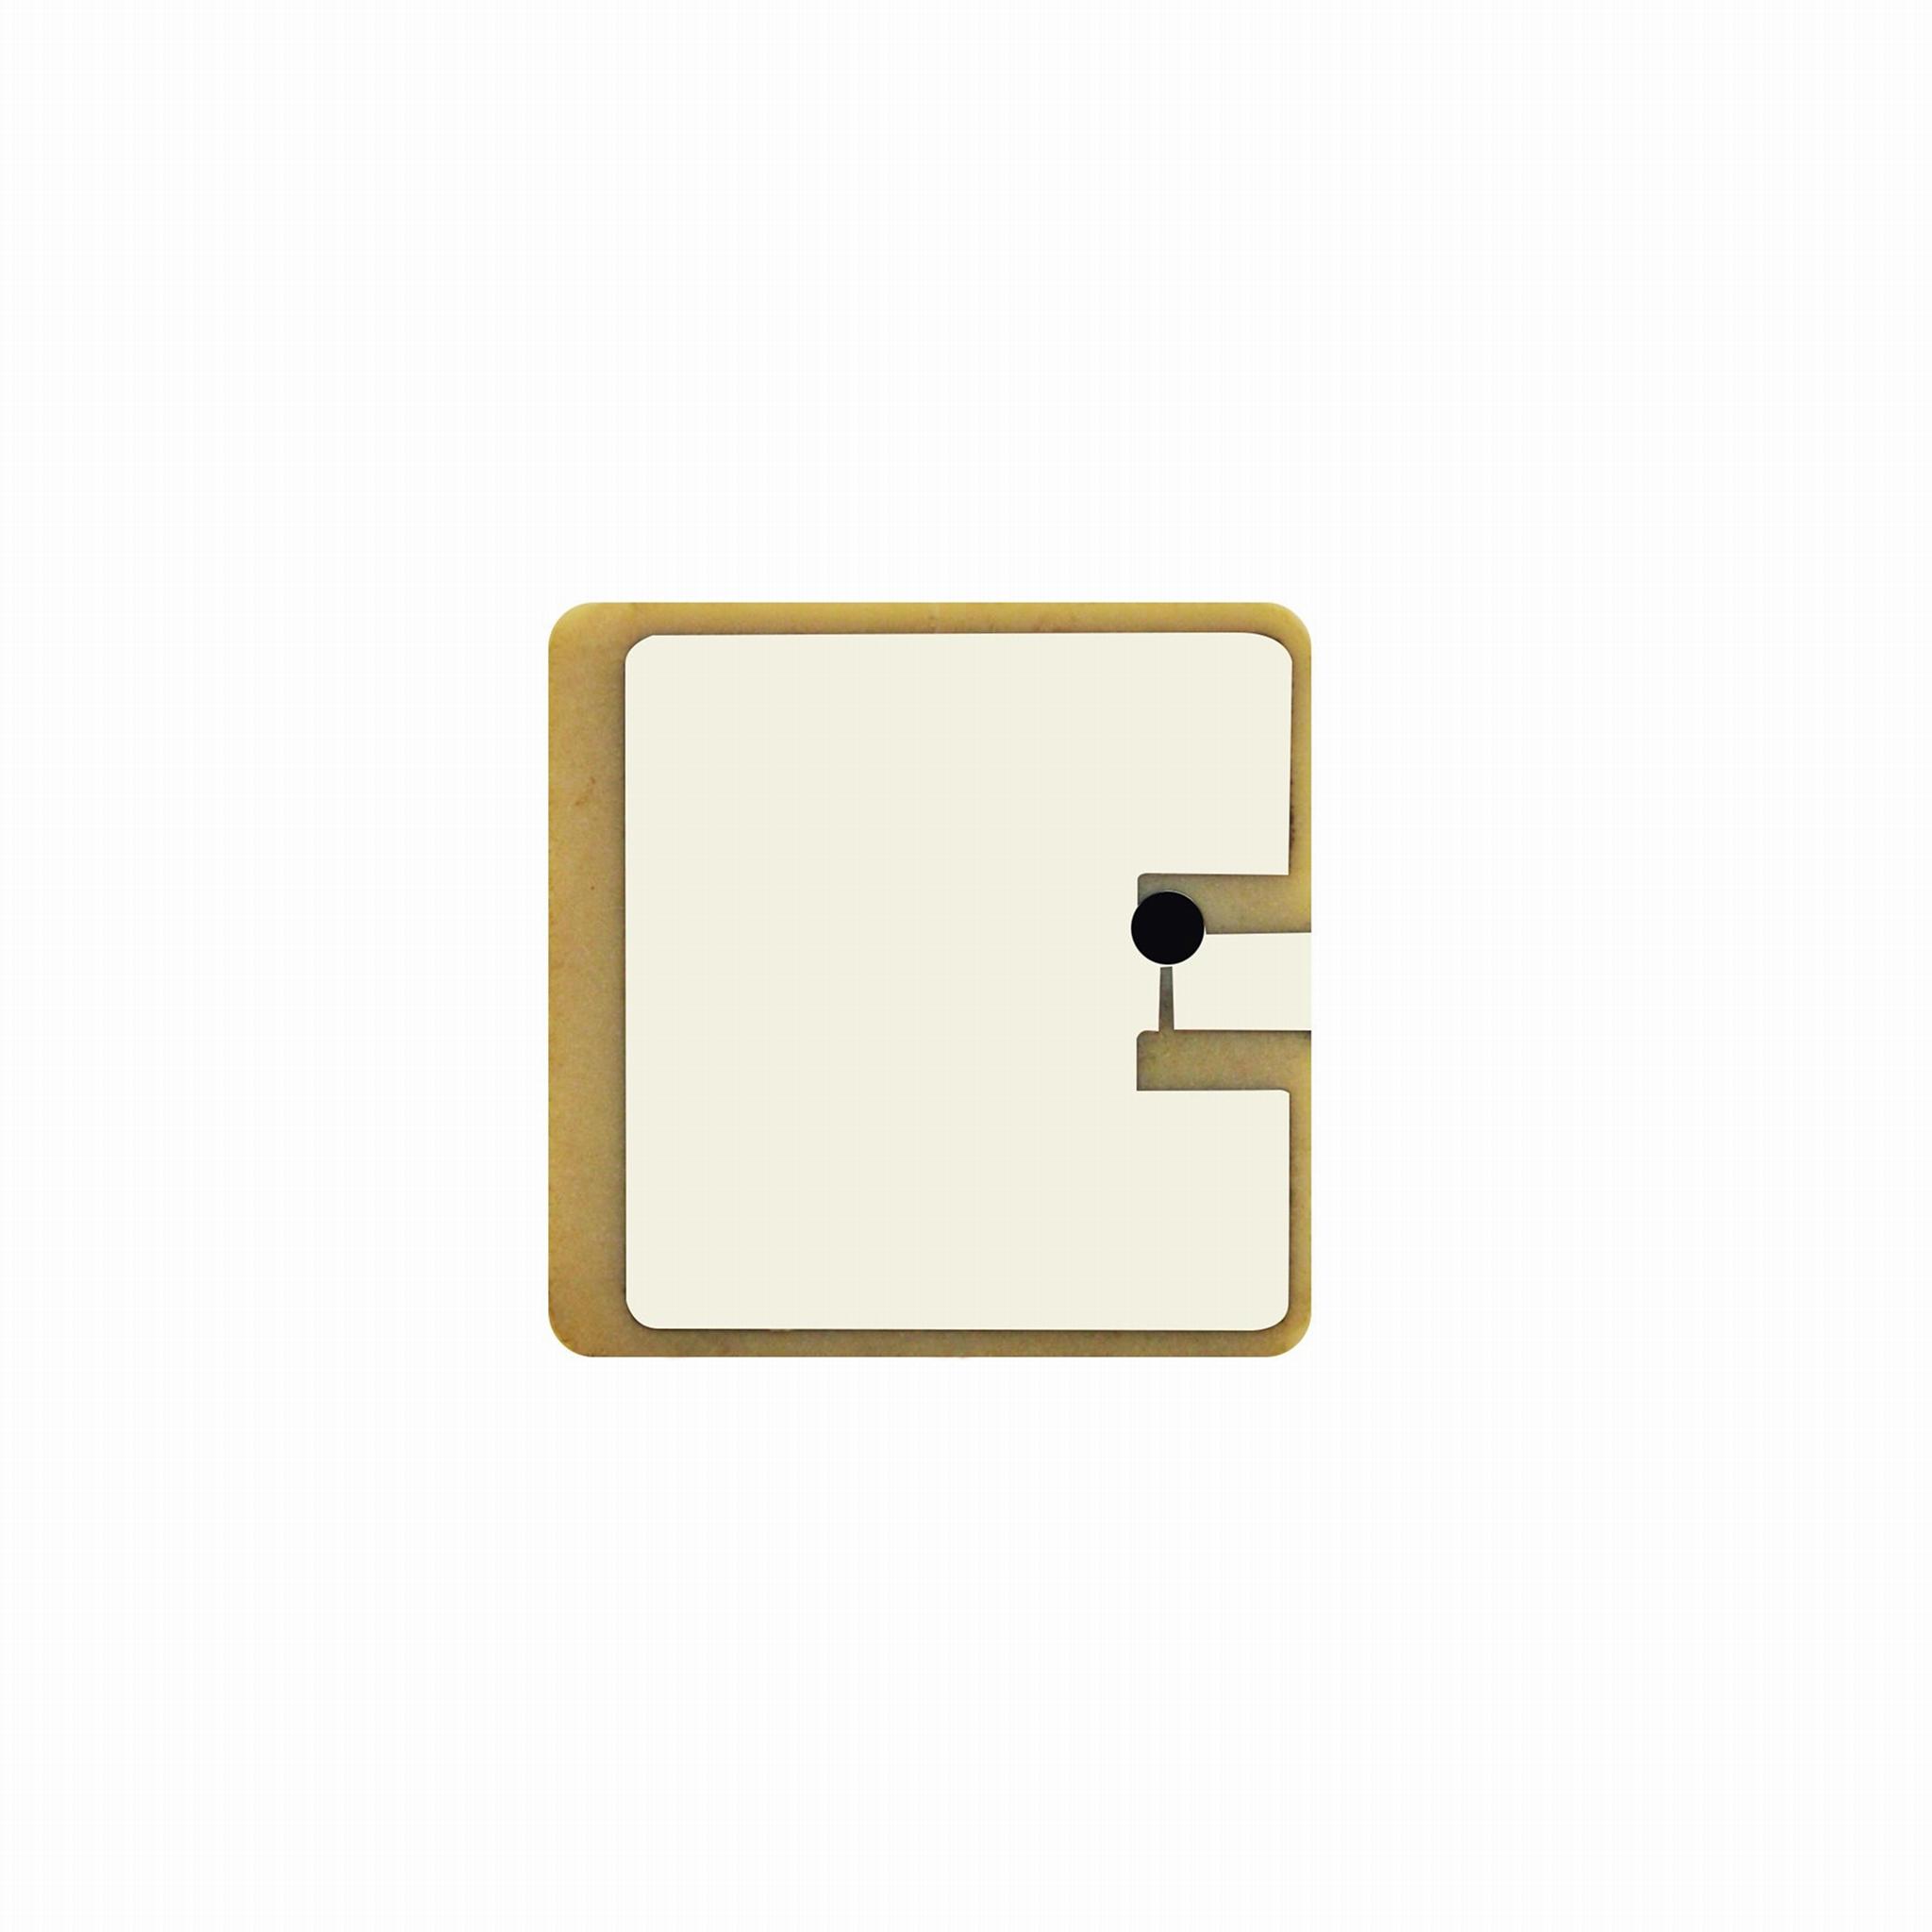 定制RFID抗金属、陶瓷电子标签 资产管理标签 MC2525 1